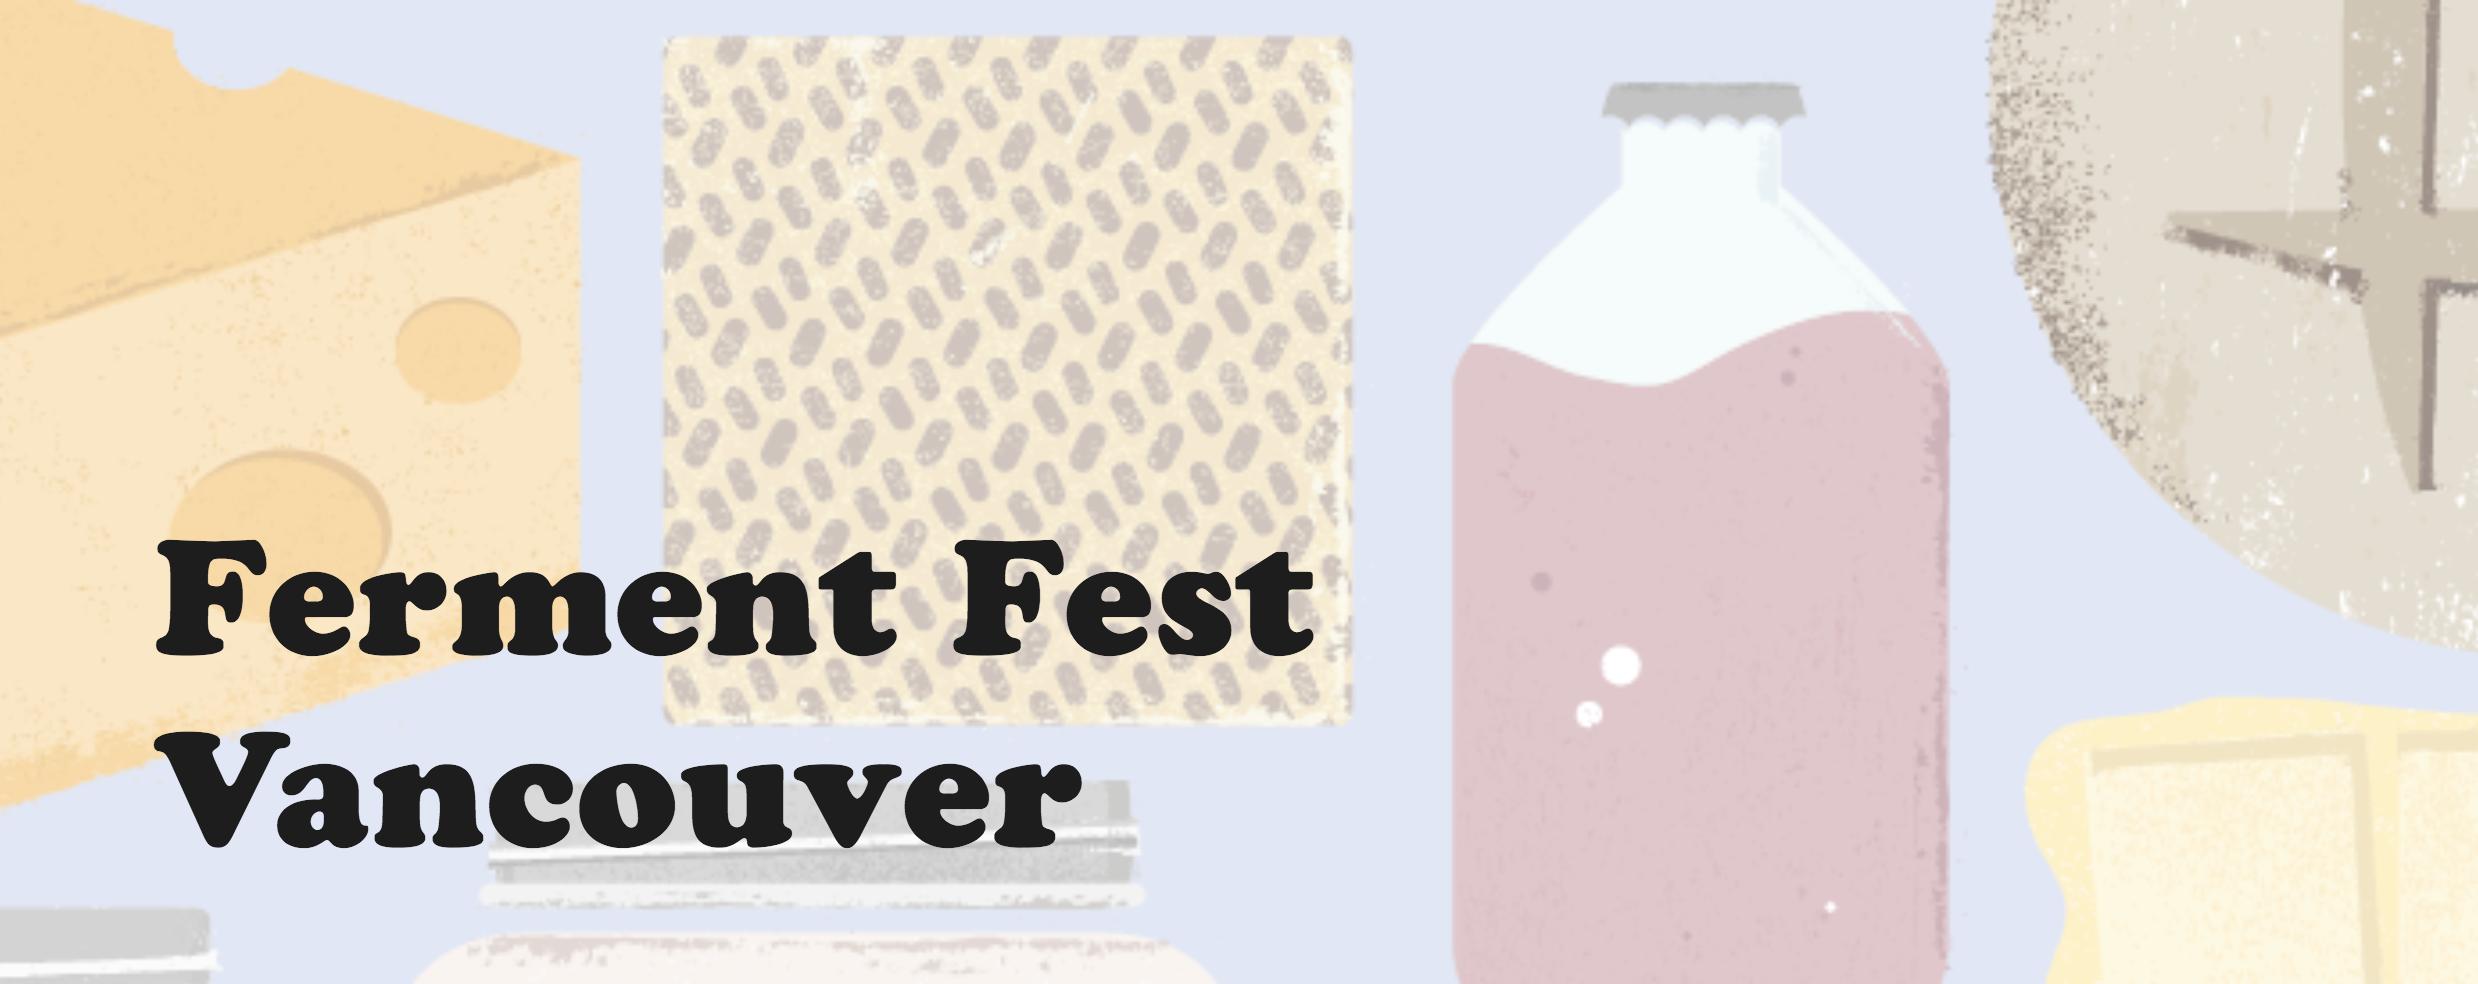 fermentfest-vancouver2018png